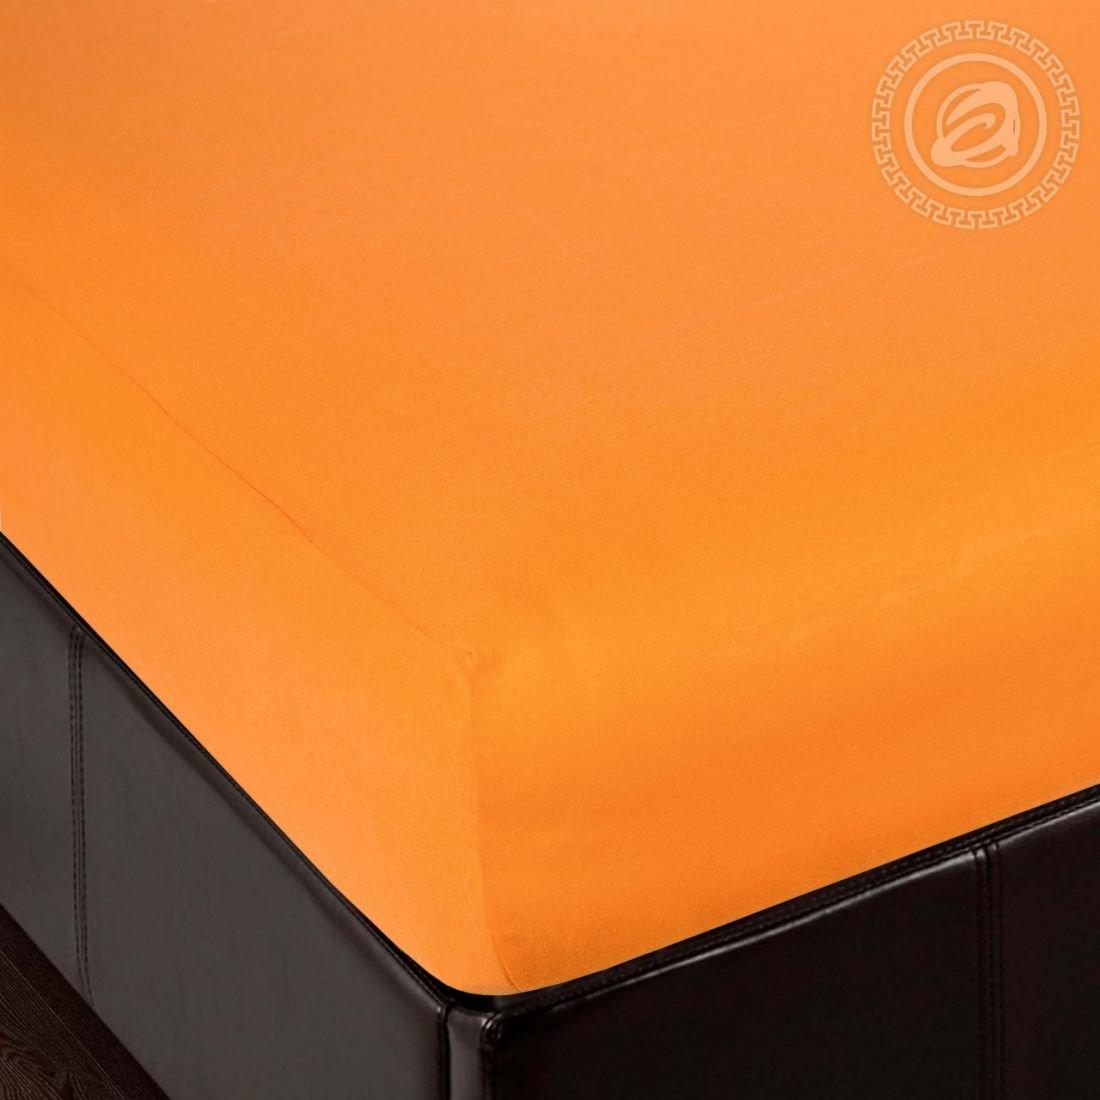 Простынь апельсин - простынь на резинке, размер 120х200, ткань трикотаж, Артпостель